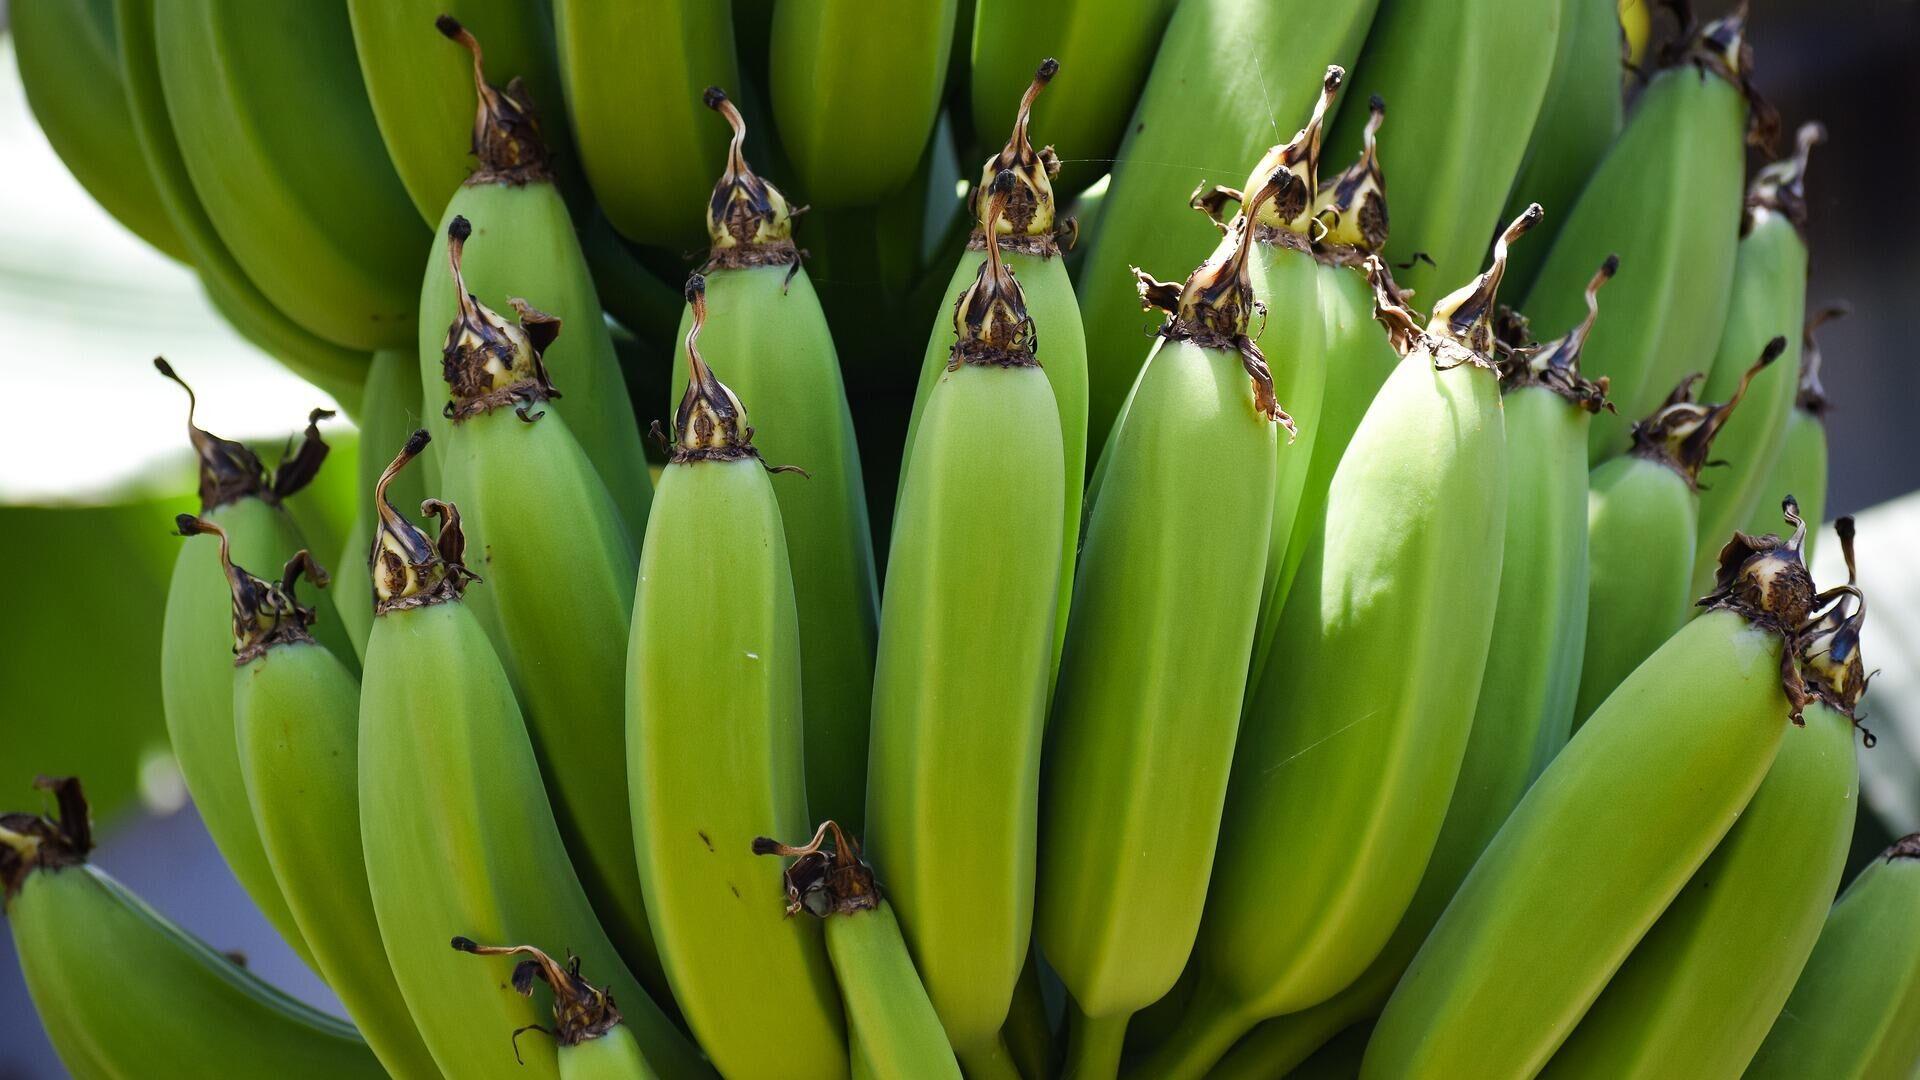 Bananas, plátanos. Imagen referencial - Sputnik Mundo, 1920, 19.02.2021